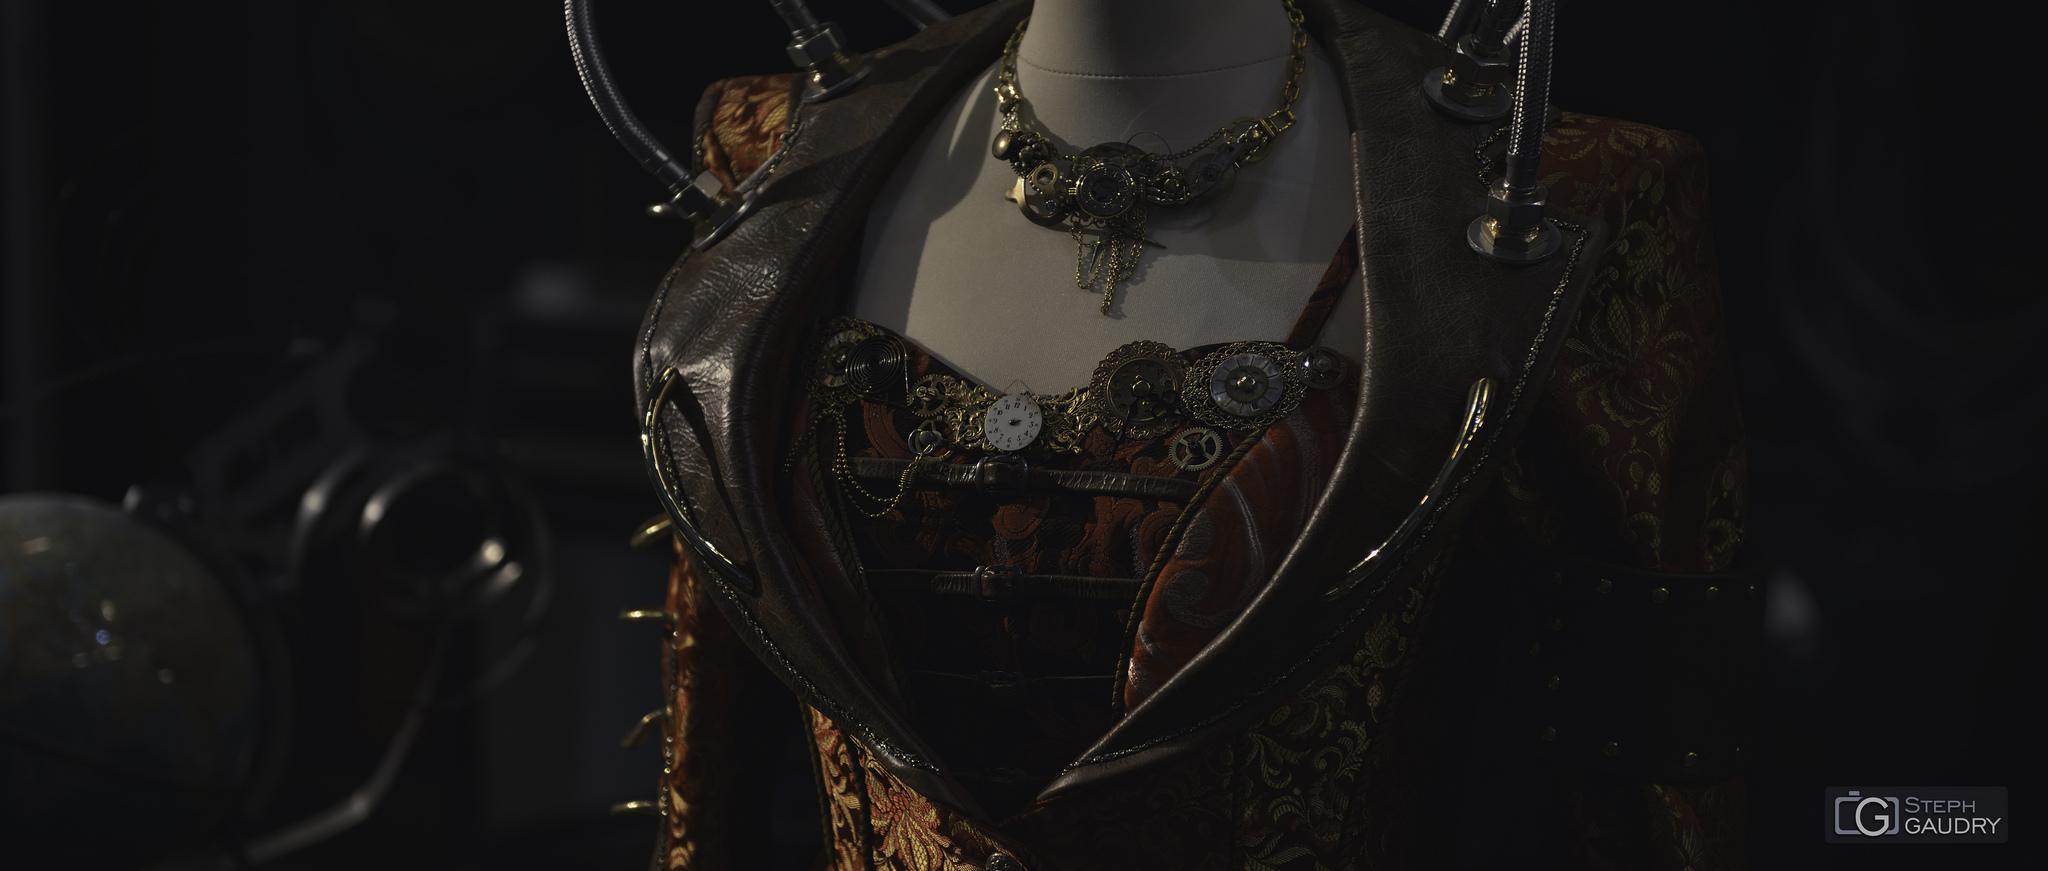 Opéra de Liège - Fleur de Peau [Click to start slideshow]